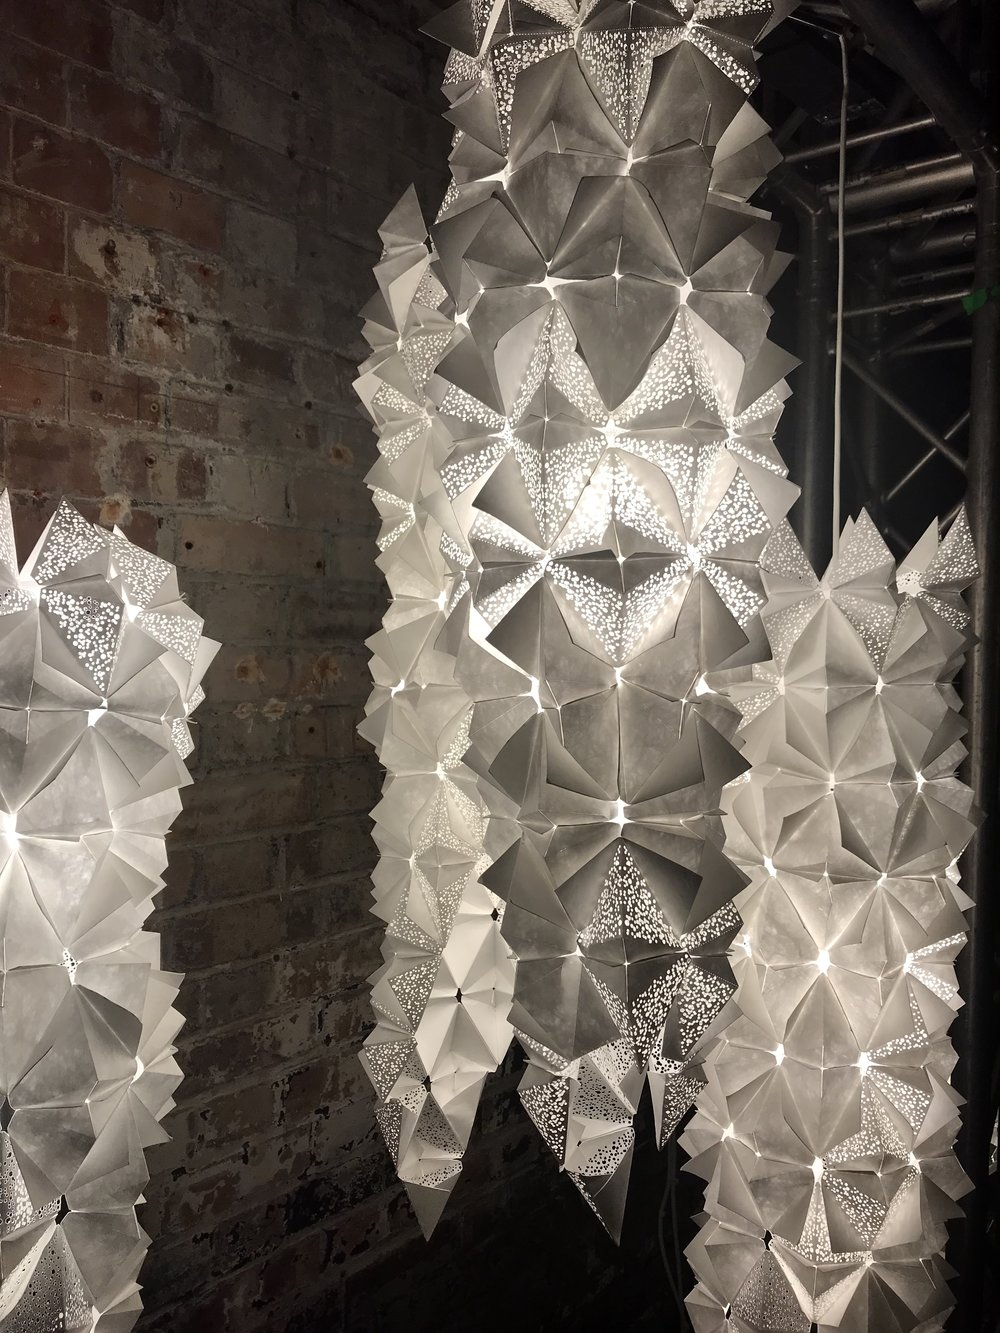 design-junction-sharynn-dunn-lights-lauraloves-design.jpg